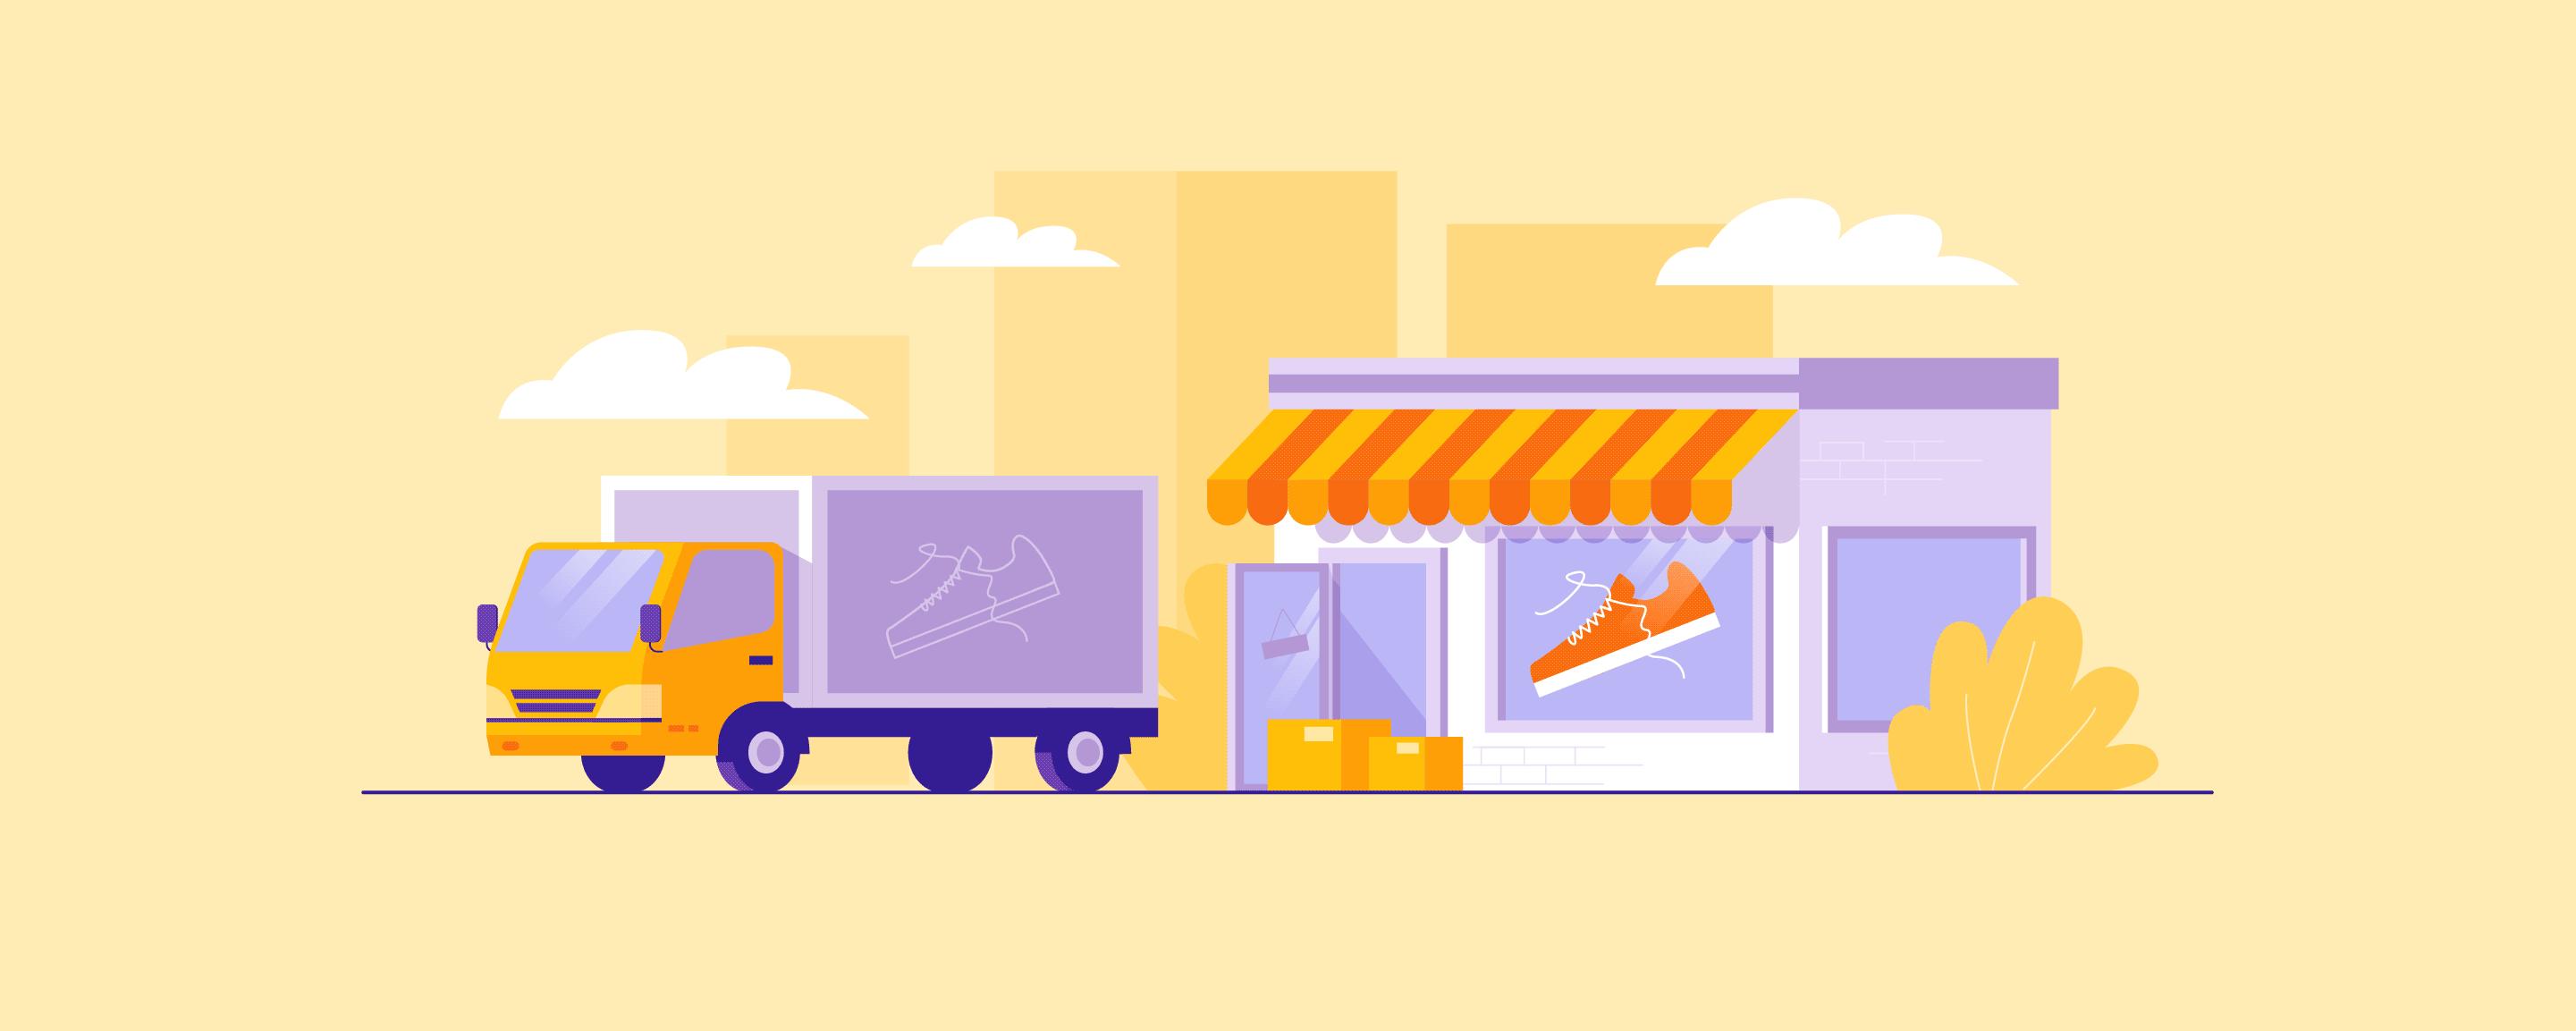 Как найти и выбрать поставщика для своего интернет-магазина